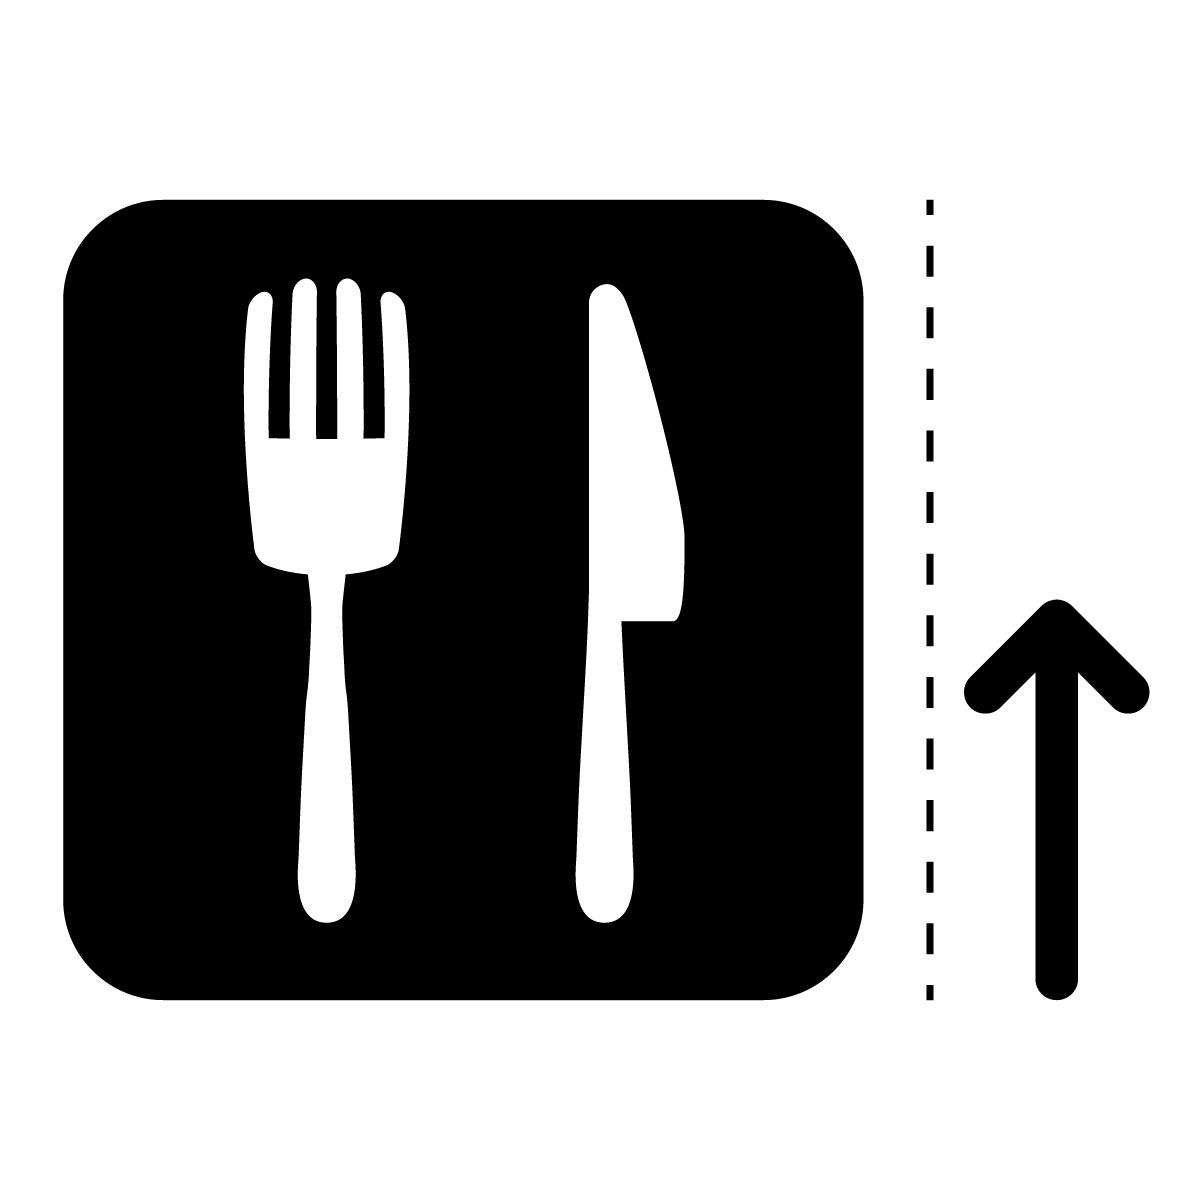 黒色の飲食店 食事処 食堂 案内 マーク(矢印付き)のカッティング ステッカー シール 光沢タイプ・防水・耐水・屋外耐候3~4年